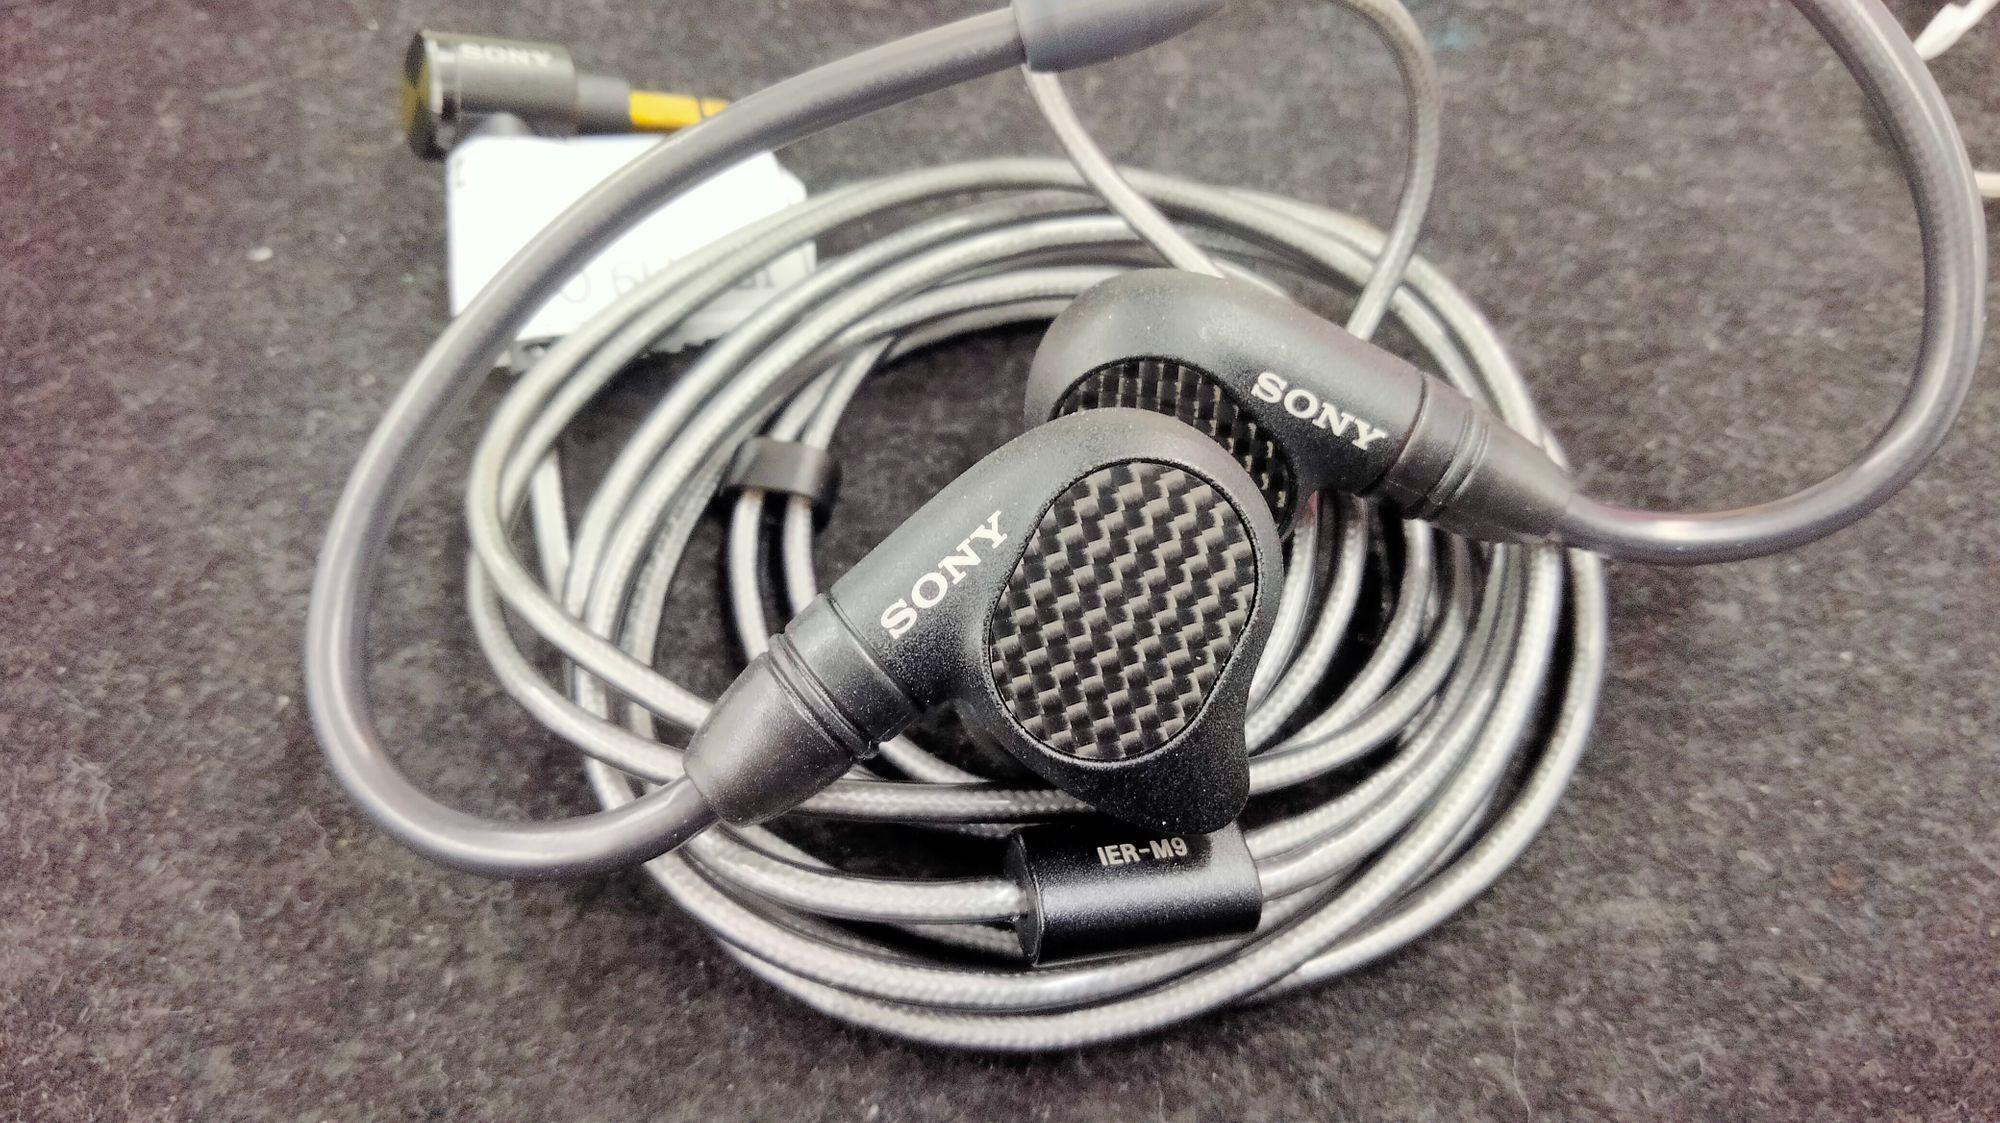 Sony IER-M9